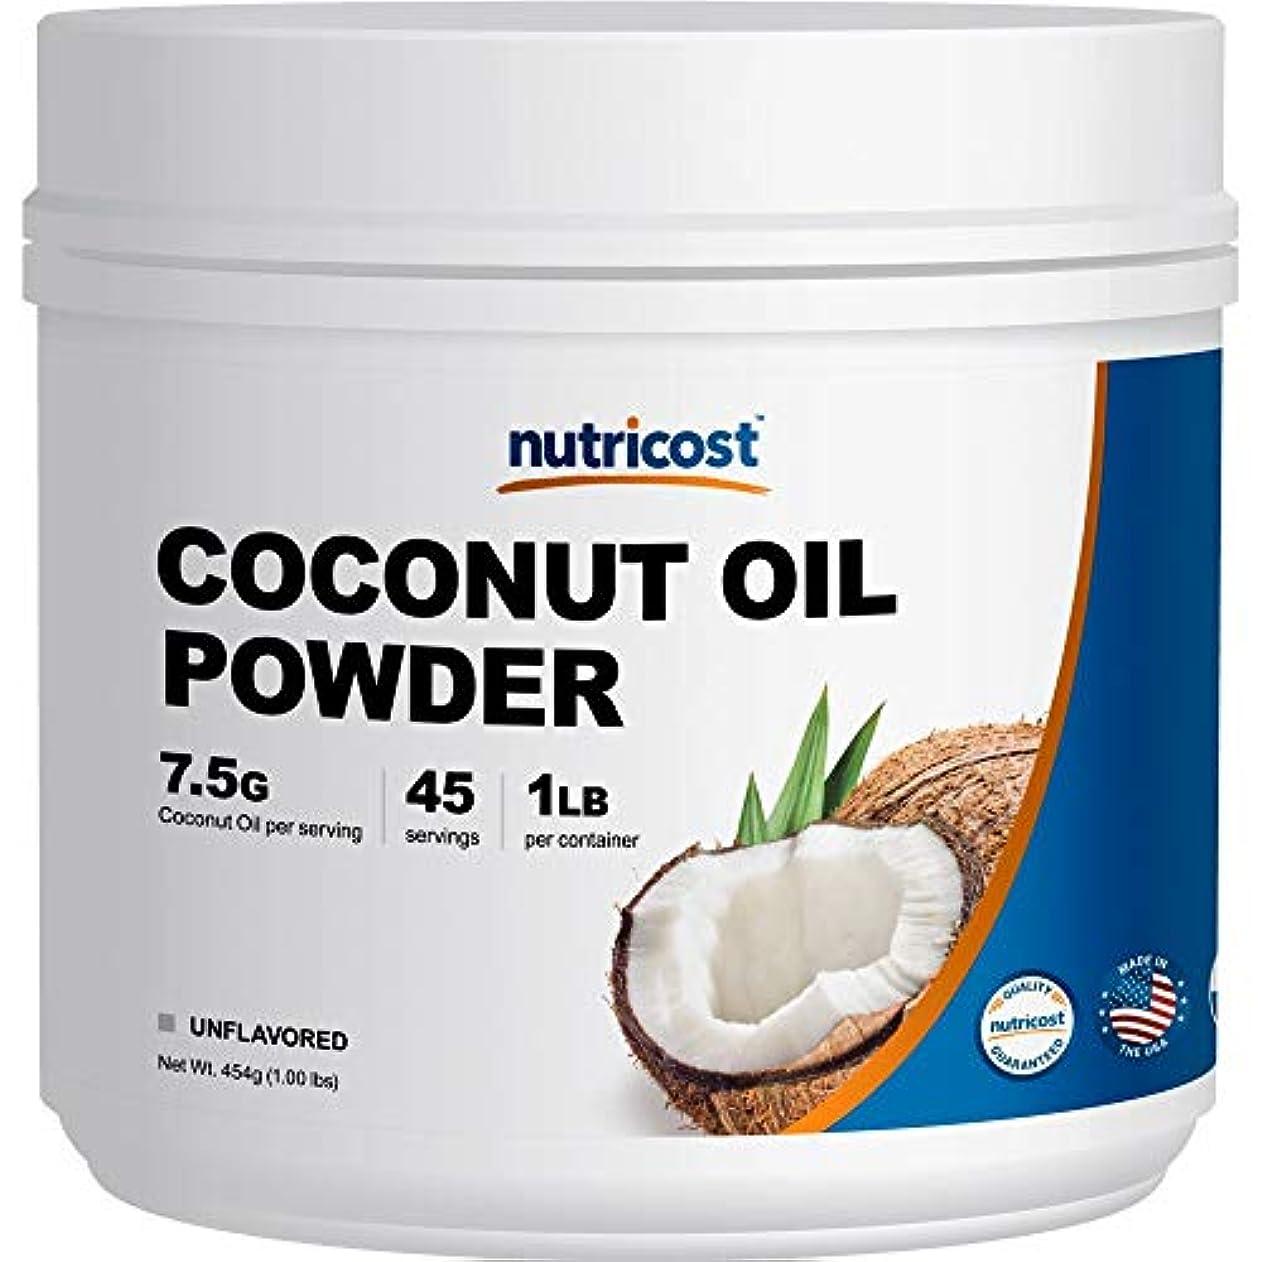 成長精度謝るNutricost ココナッツオイルパウダー 1LB、45食分、非GMO、グルテンフリー